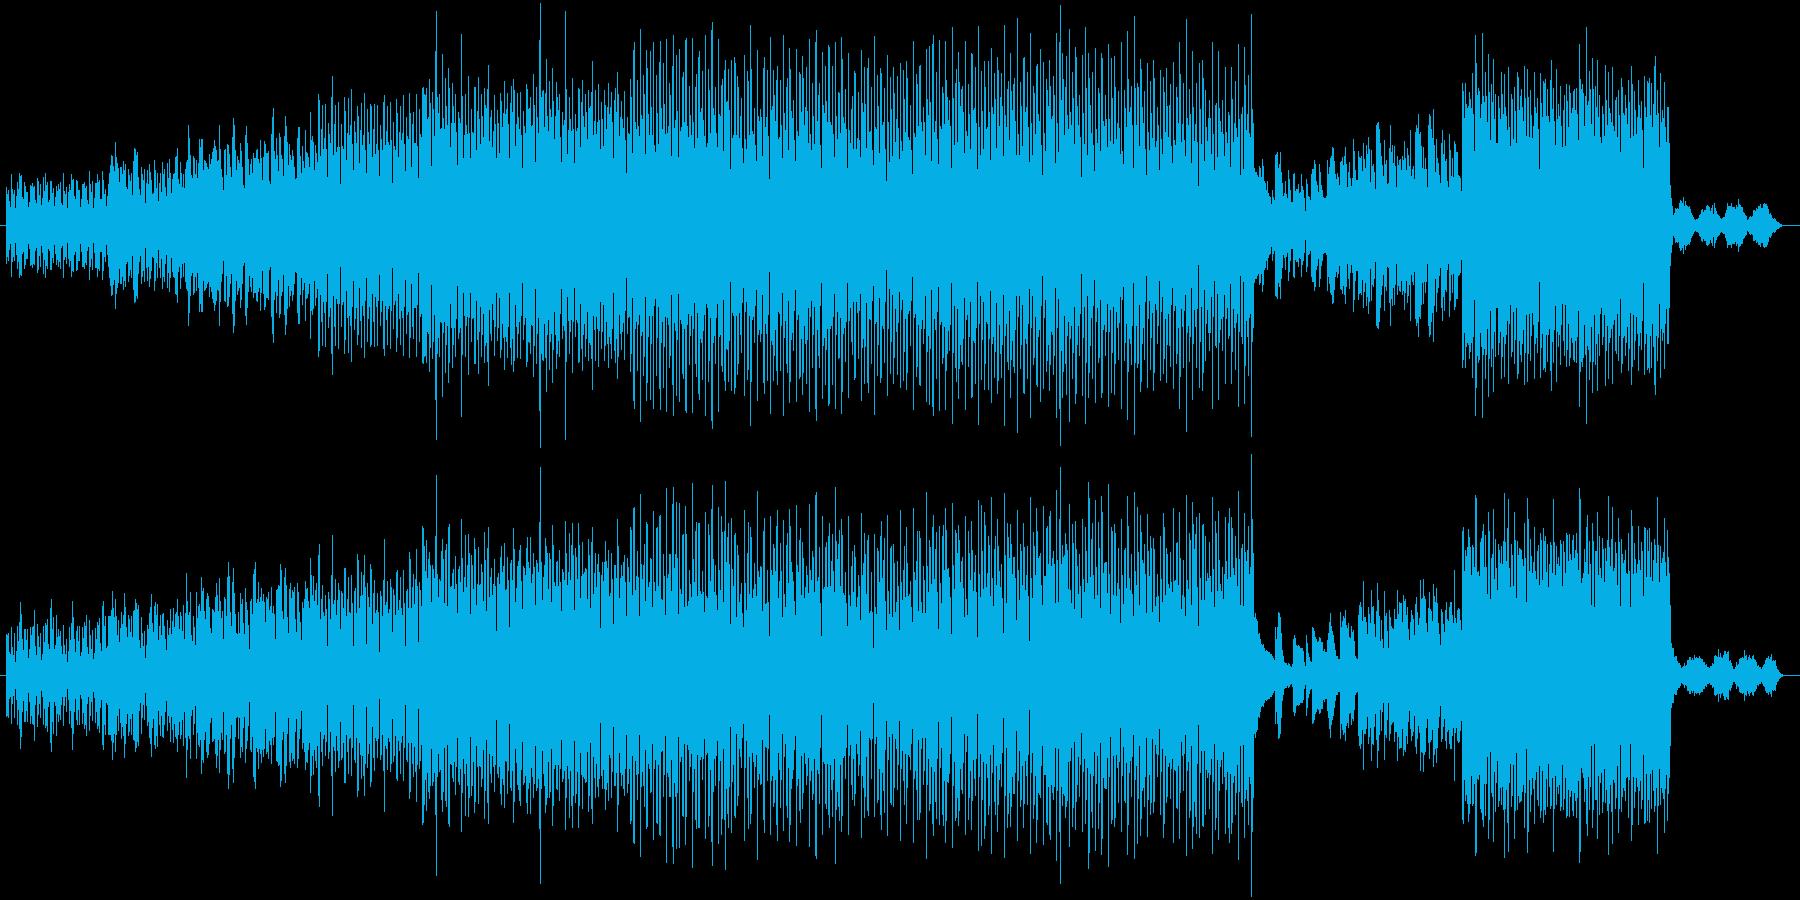 軽快なリズムの幻想的な曲の再生済みの波形